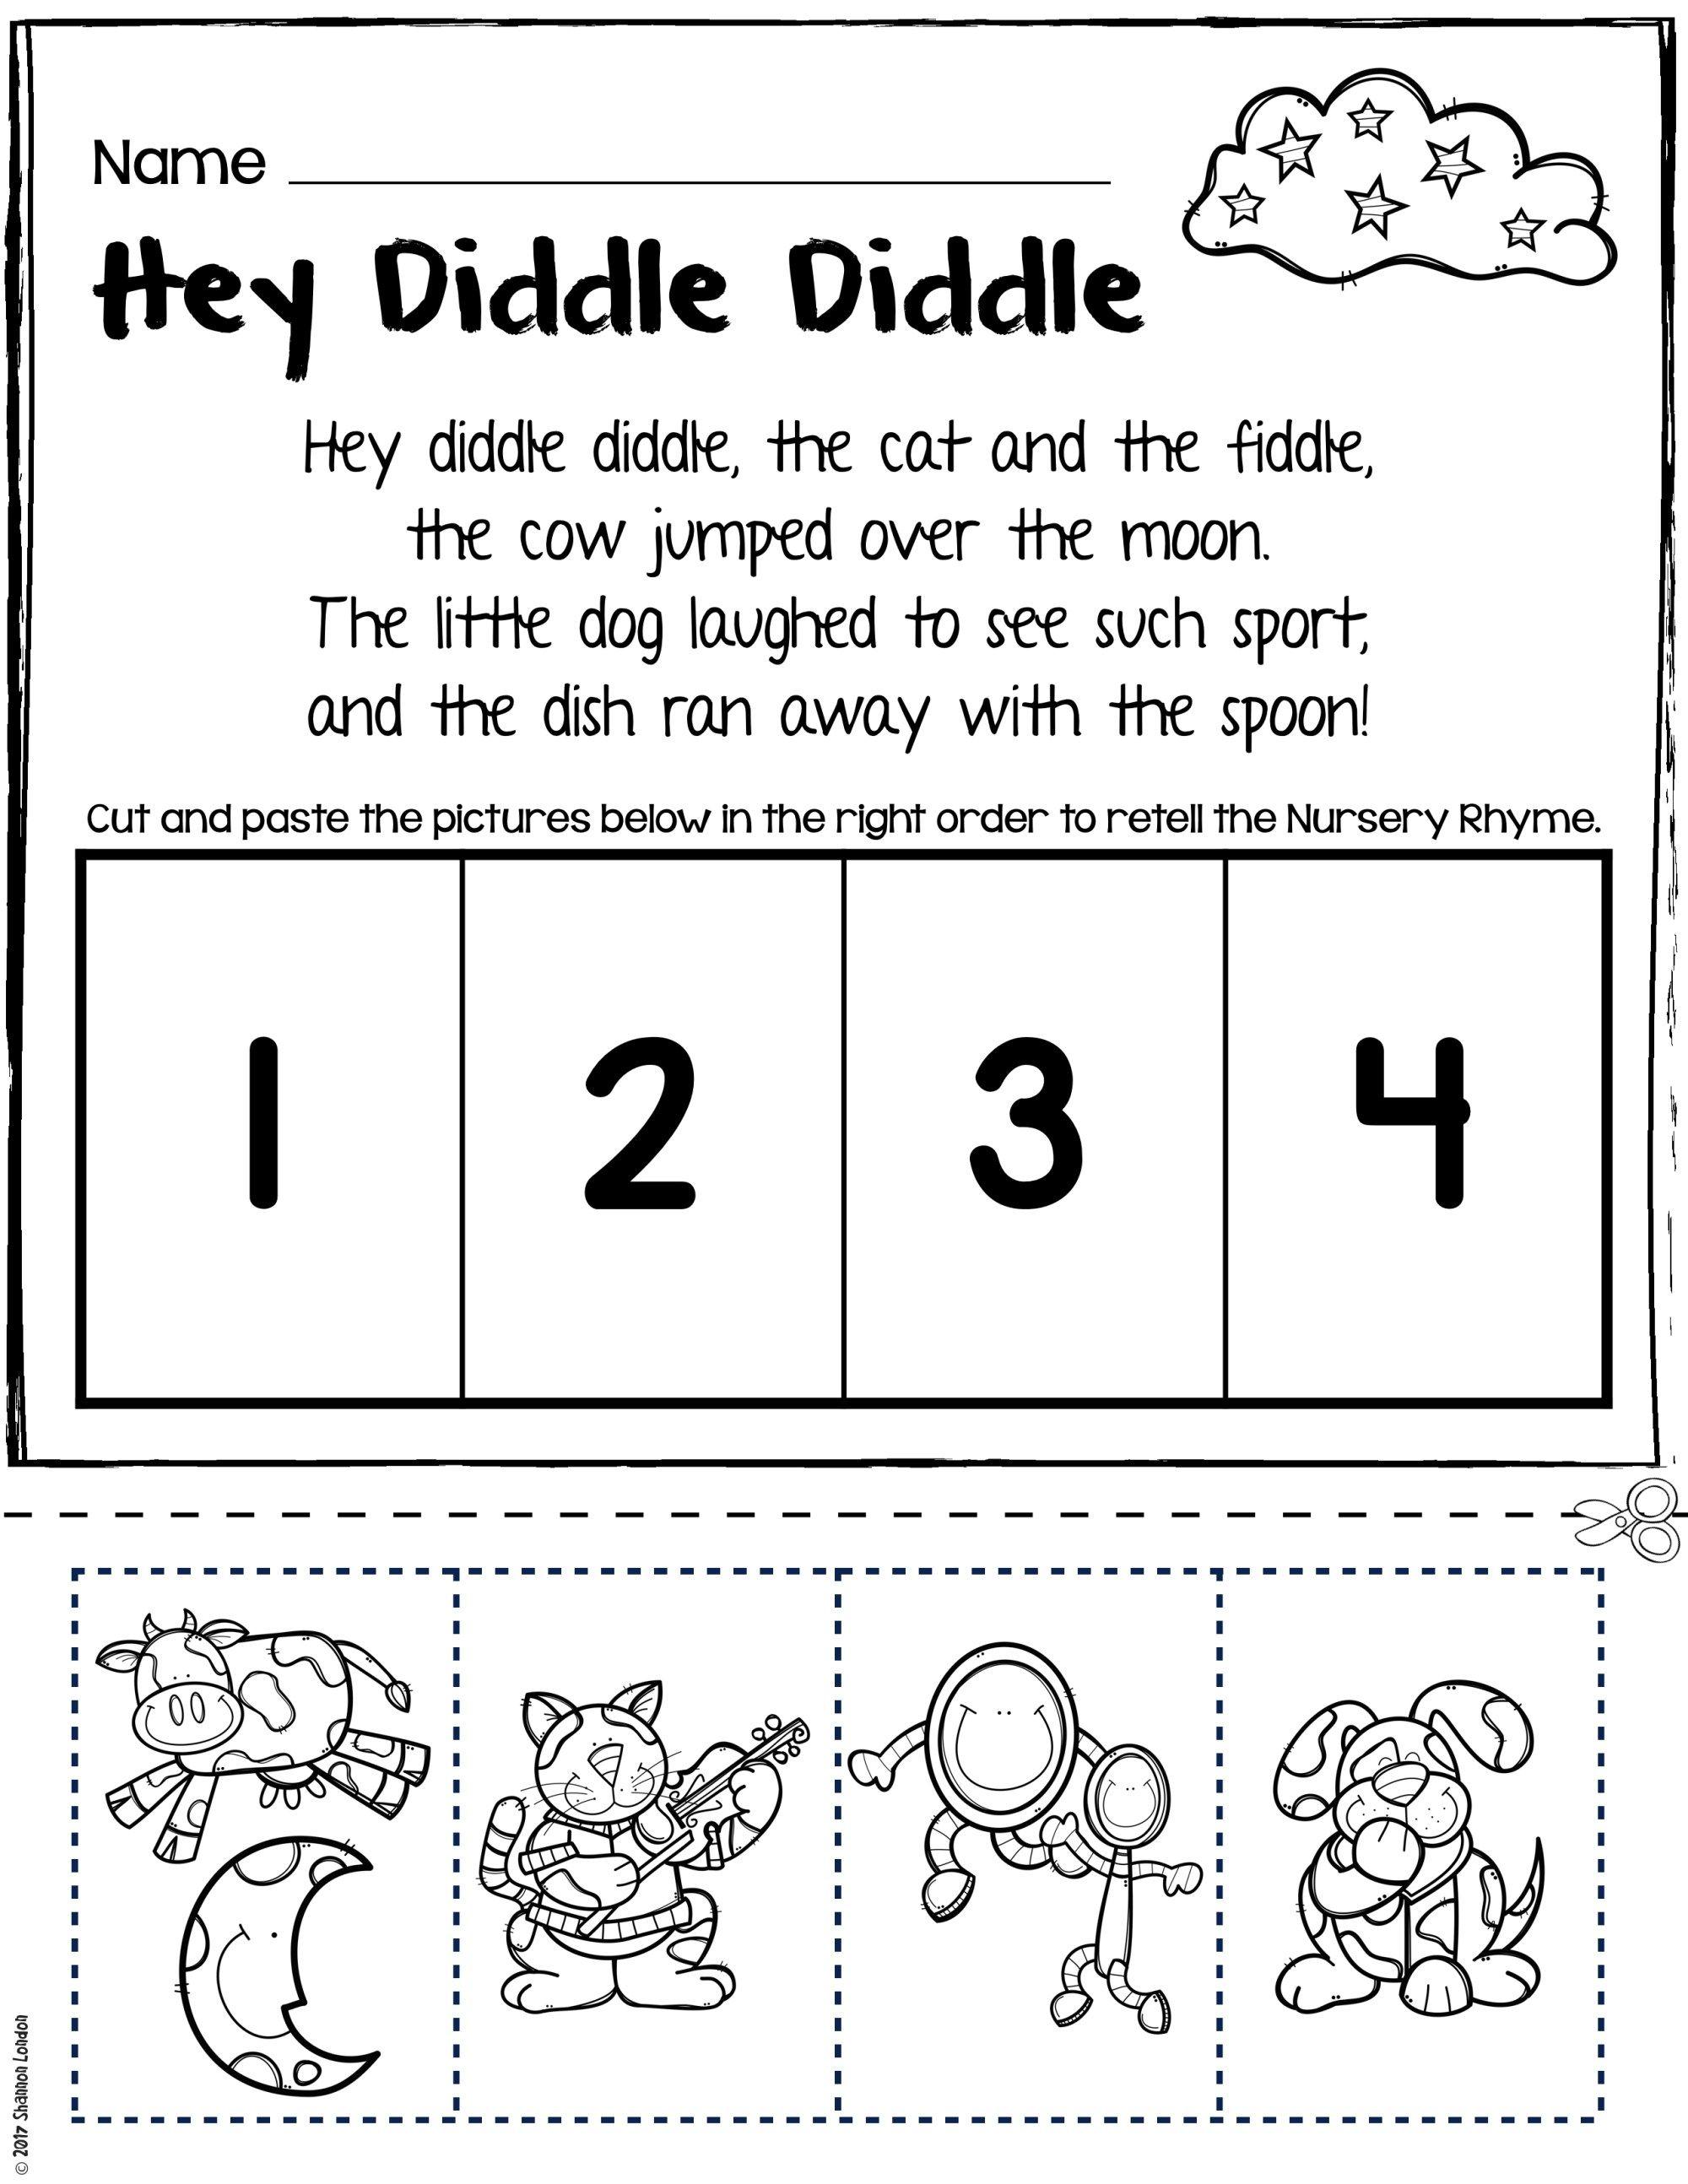 Teach Story Retelling With Nursery Rhymes Rhyming Worksheet Nursery Rhymes Preschool Activities Rhyming Words Worksheets [ 2588 x 2000 Pixel ]